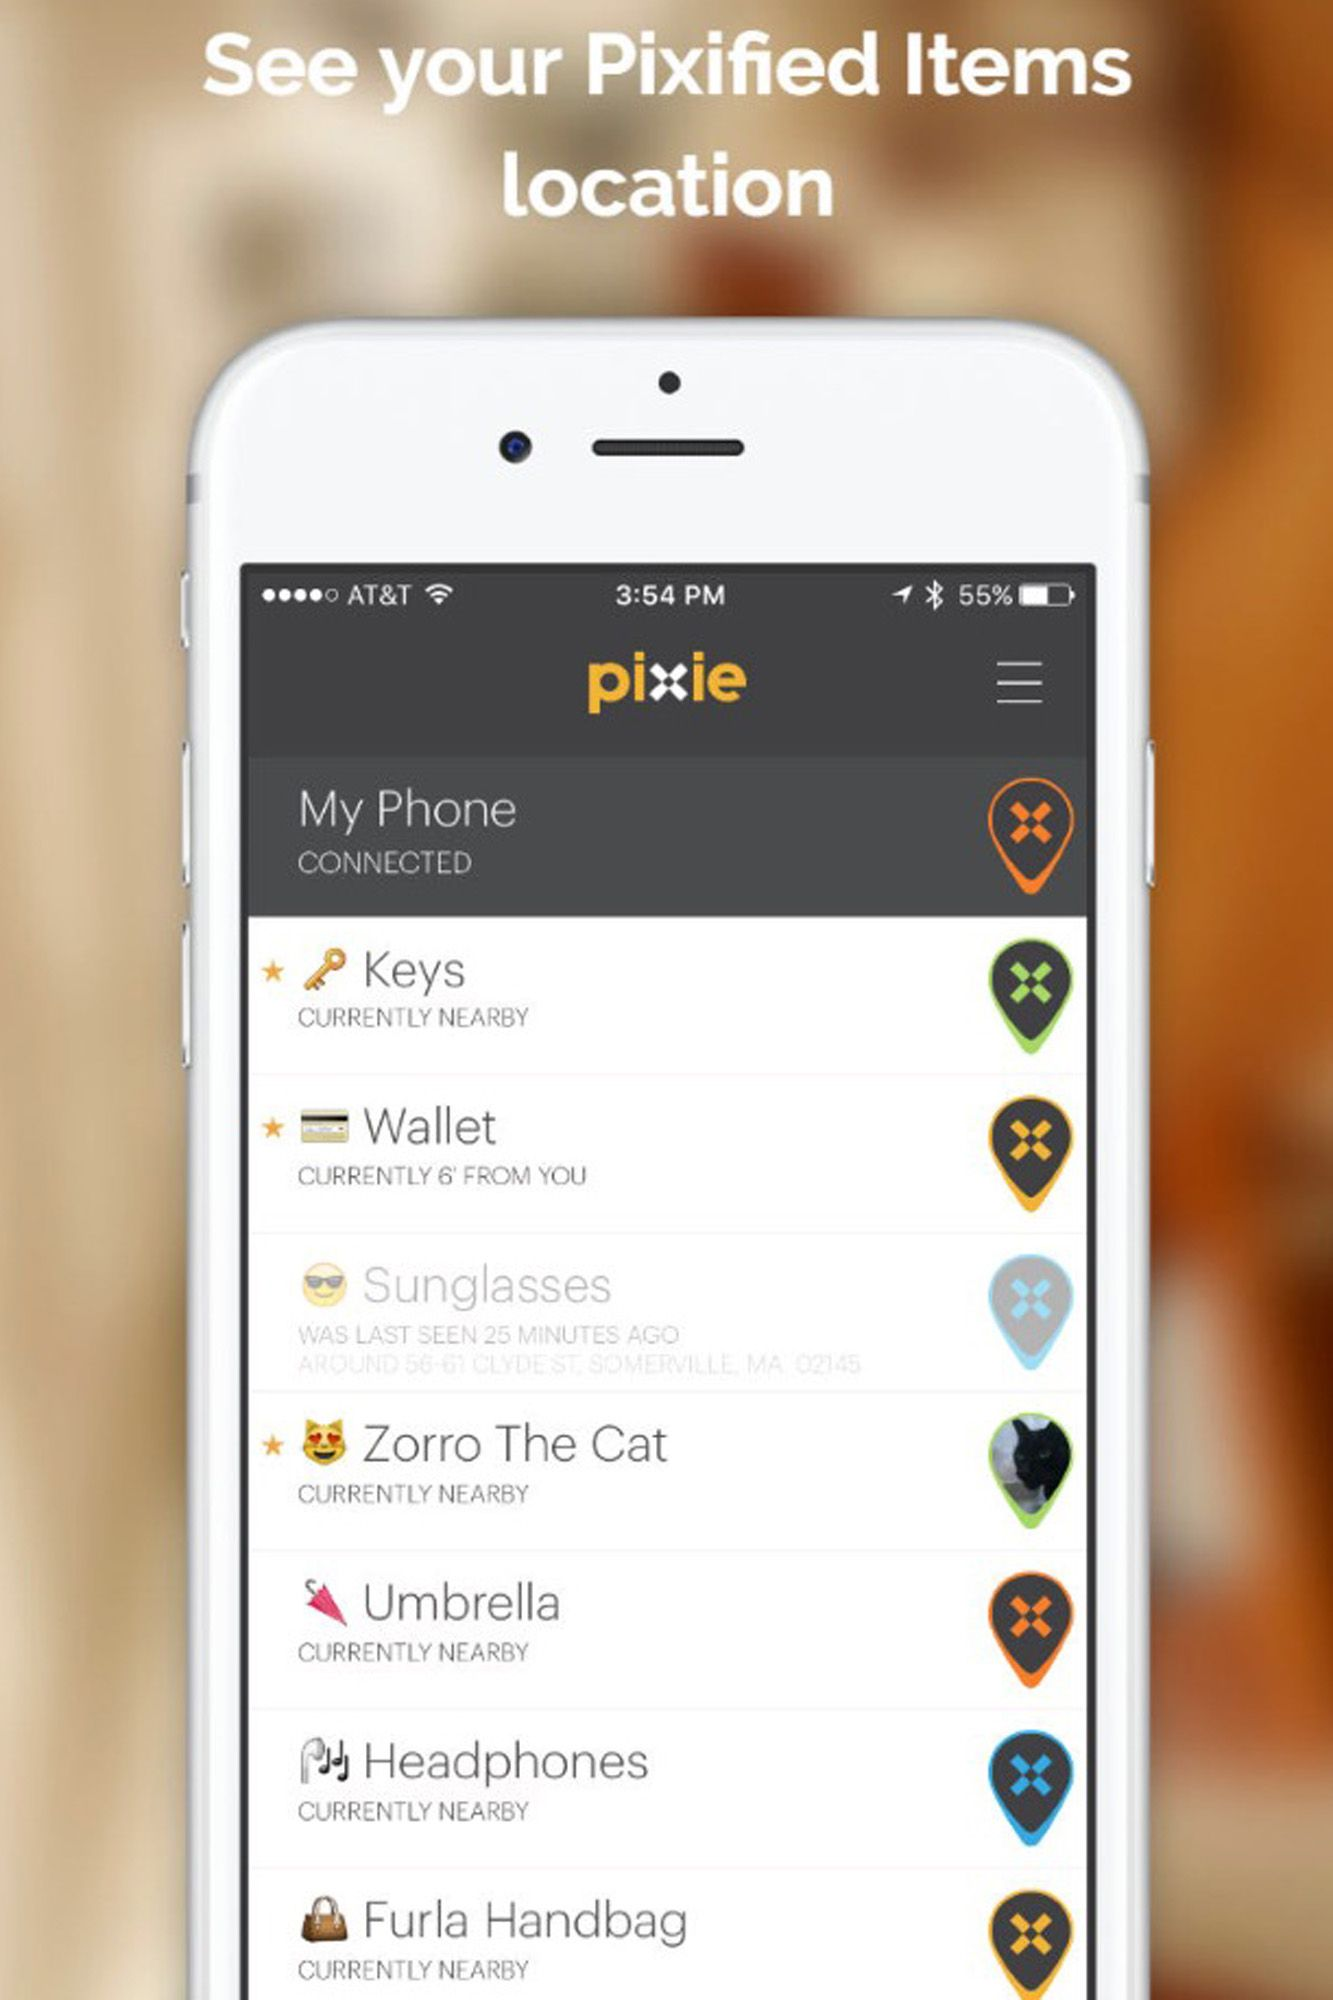 pixie app